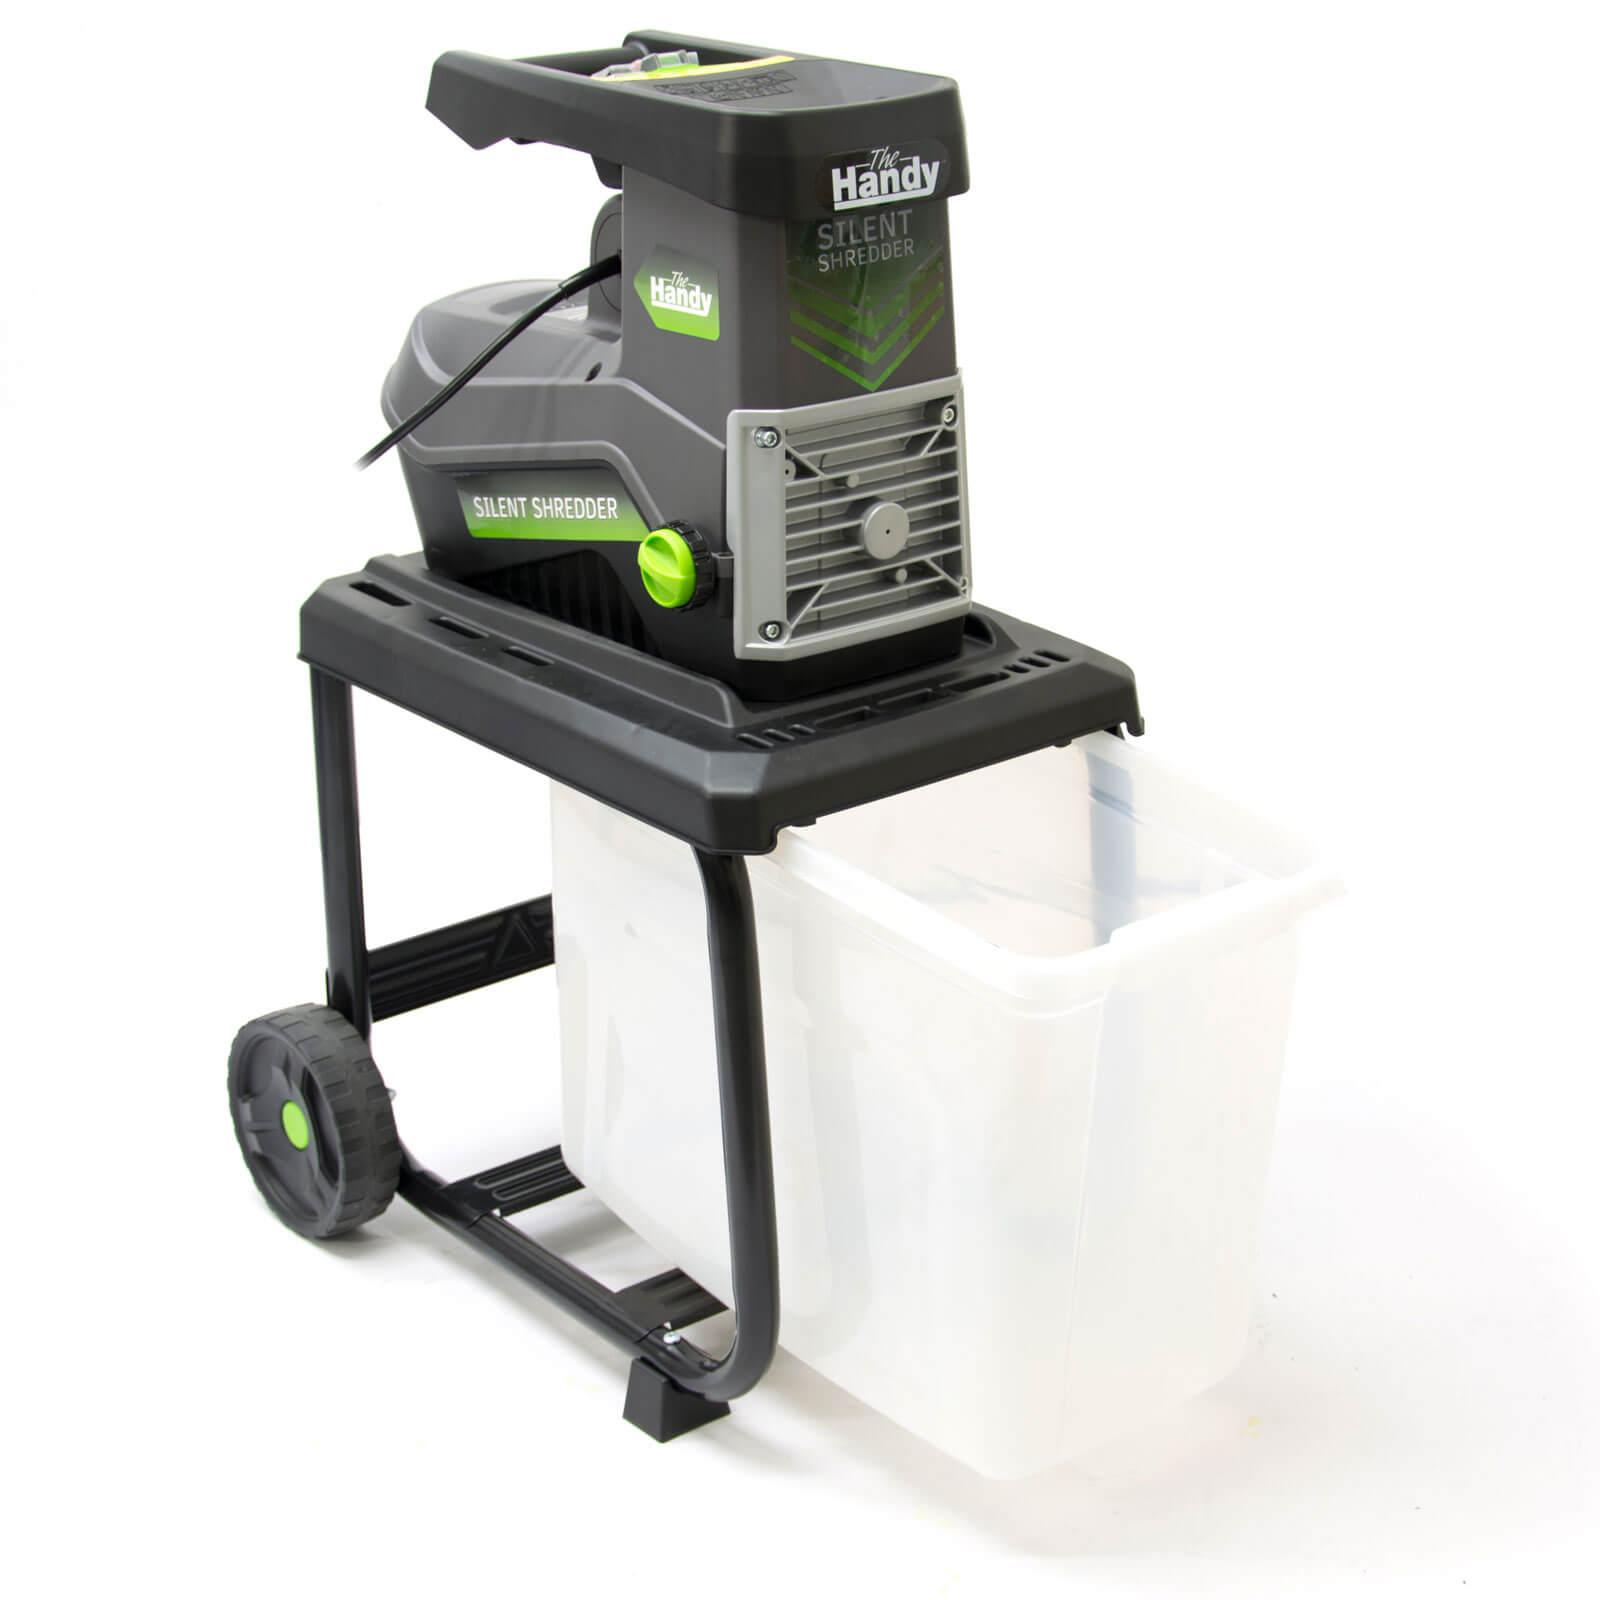 Handy Silent Garden Shredder Max 40mm Capacity 2500w 240v